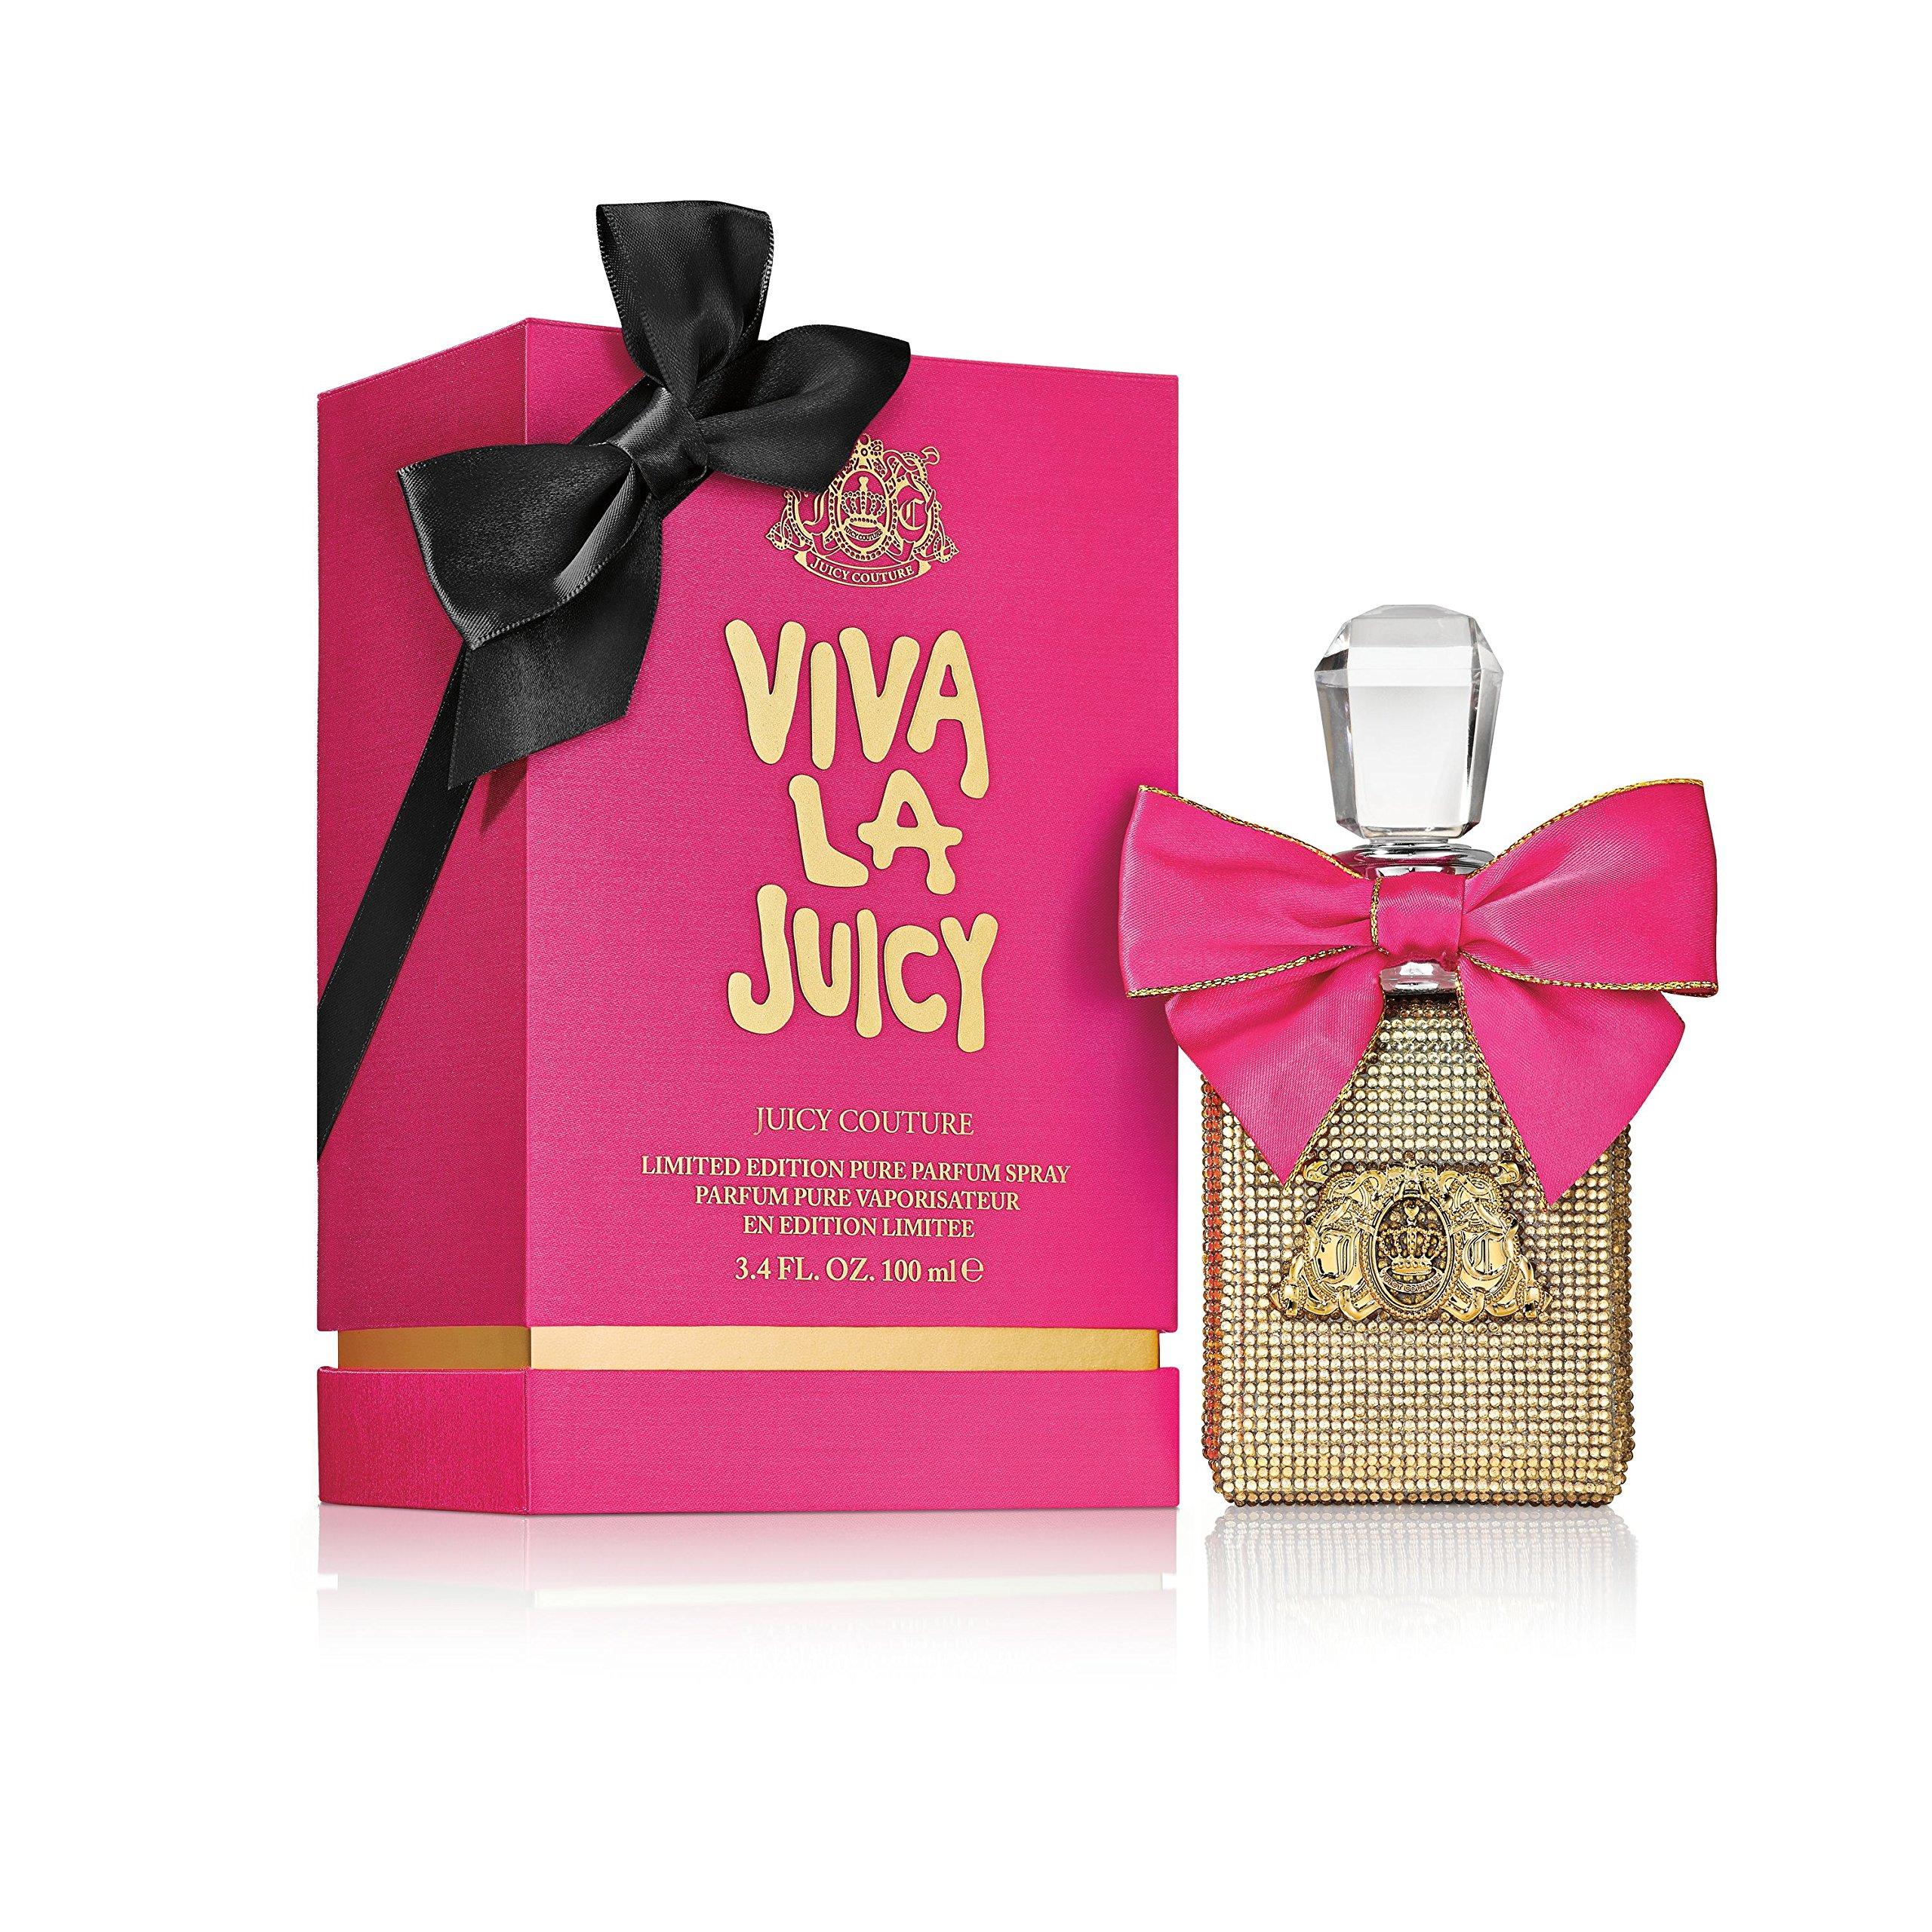 Viva La Juicy Luxe Limited Edition Pure Parfum 3.4 oz